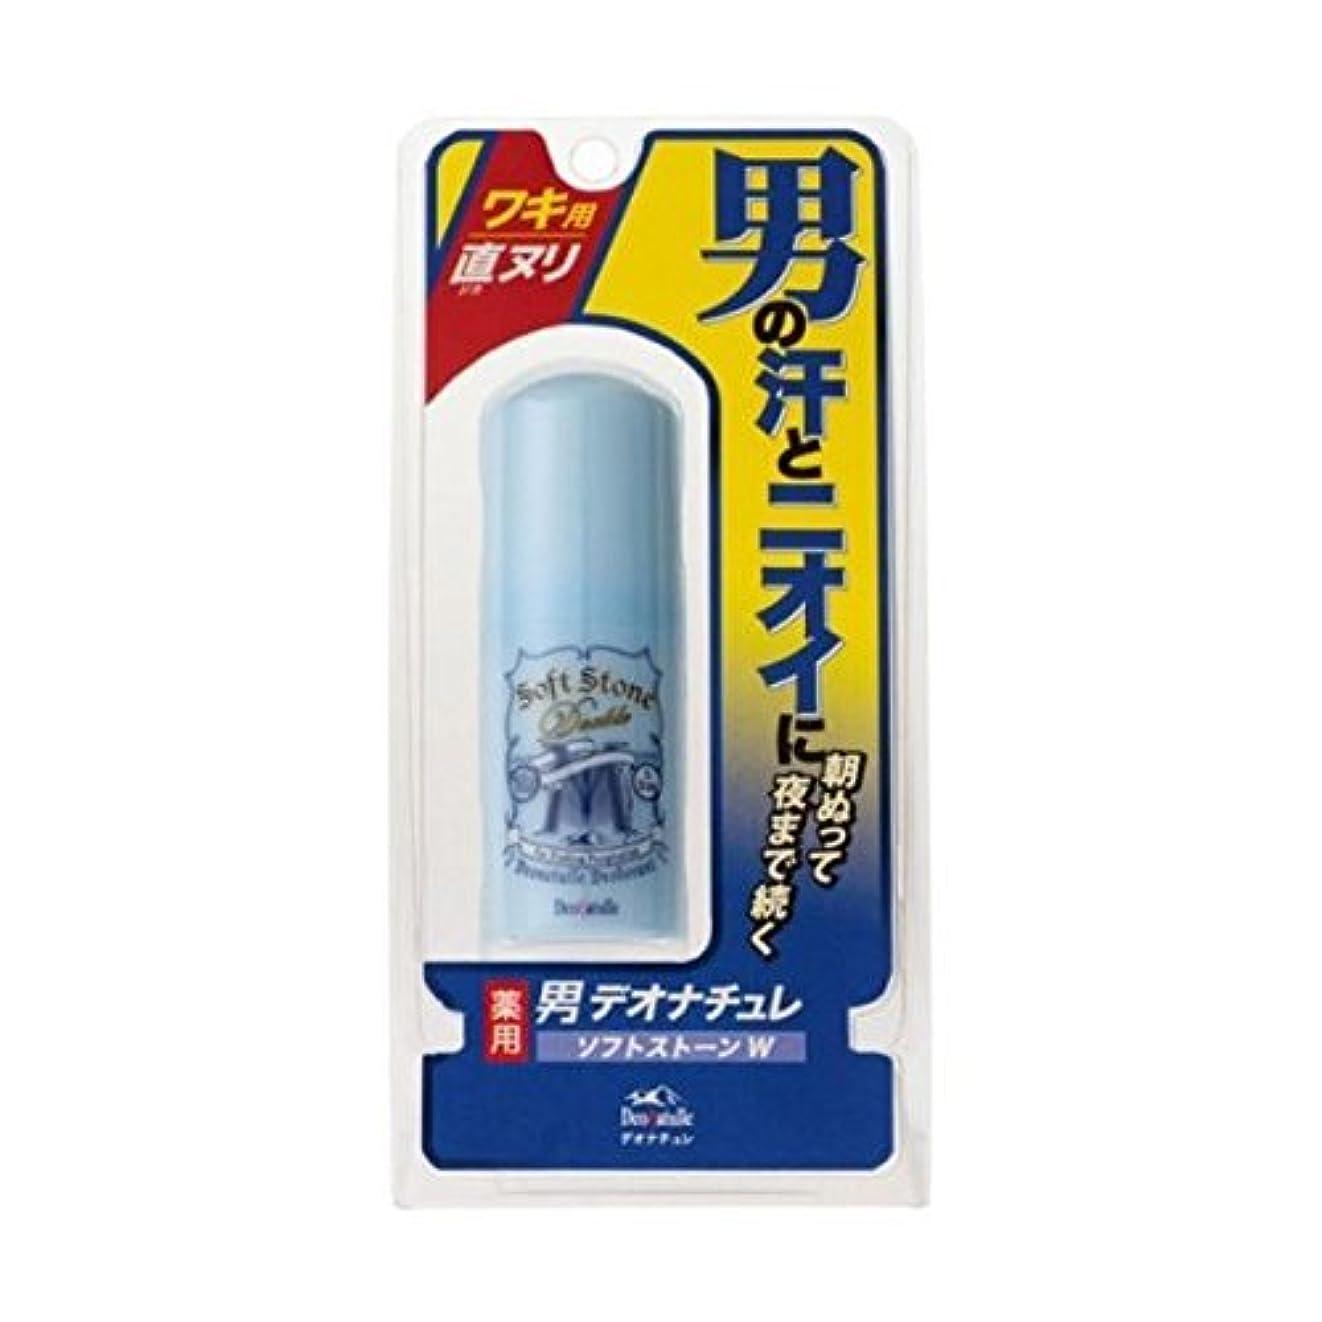 吸収発症航空便デオナチュレ 男ソフトストーン20Gx6個